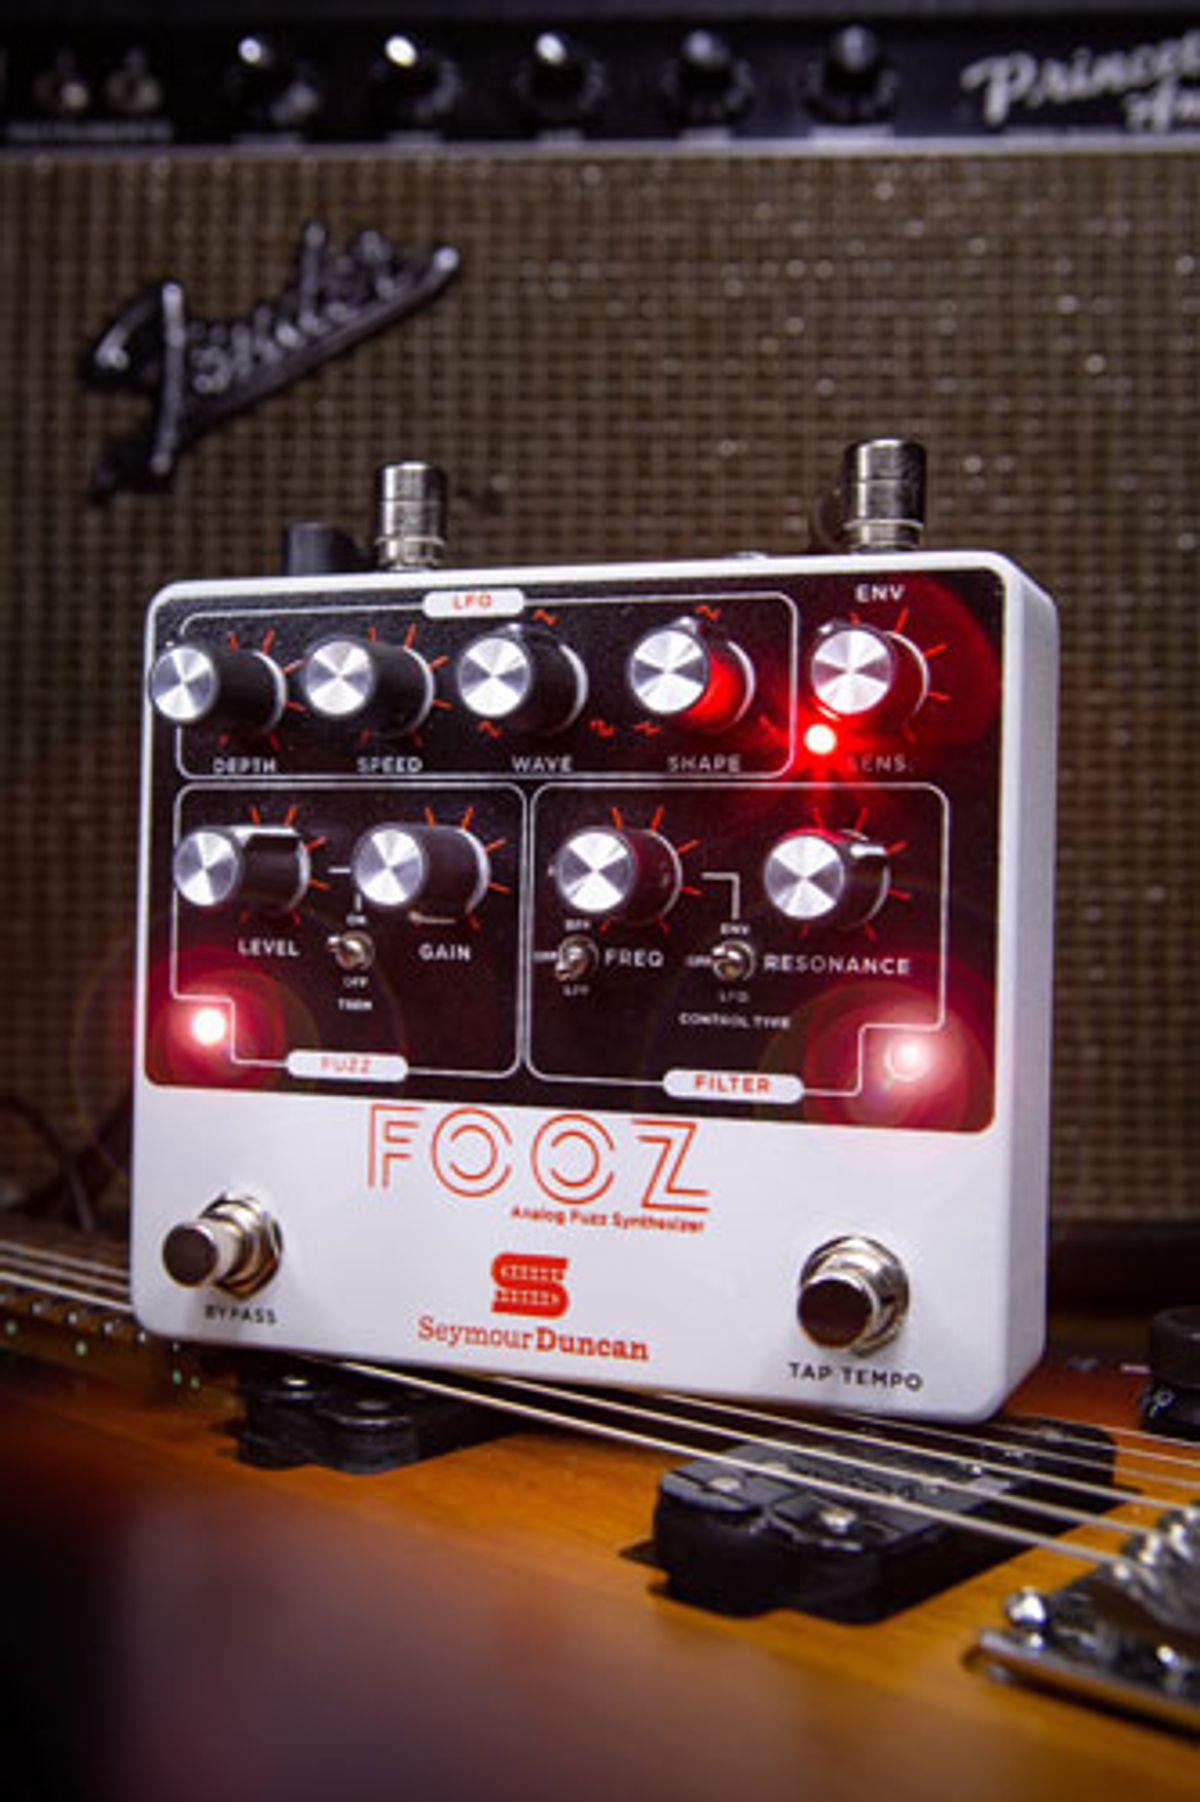 Seymour Duncan Announces the Fooz